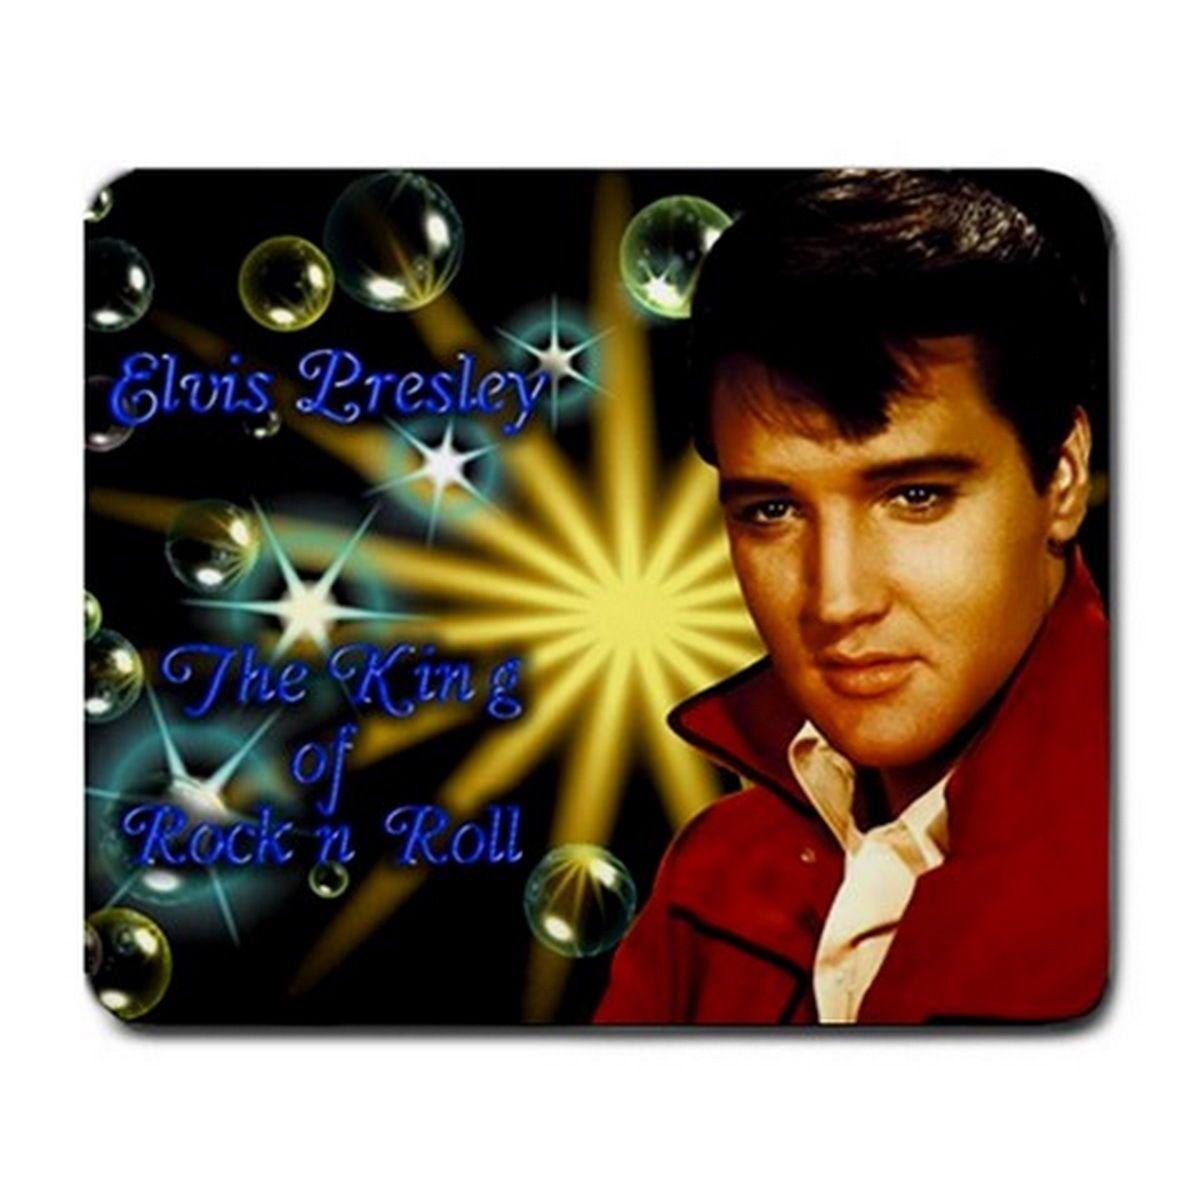 8 98 Elvis Presley Large Mousepad Mat For Pc Laptop Computer Hot Rare Ebay Electronics Elvis Presley Wallpaper Elvis Presley Elvis